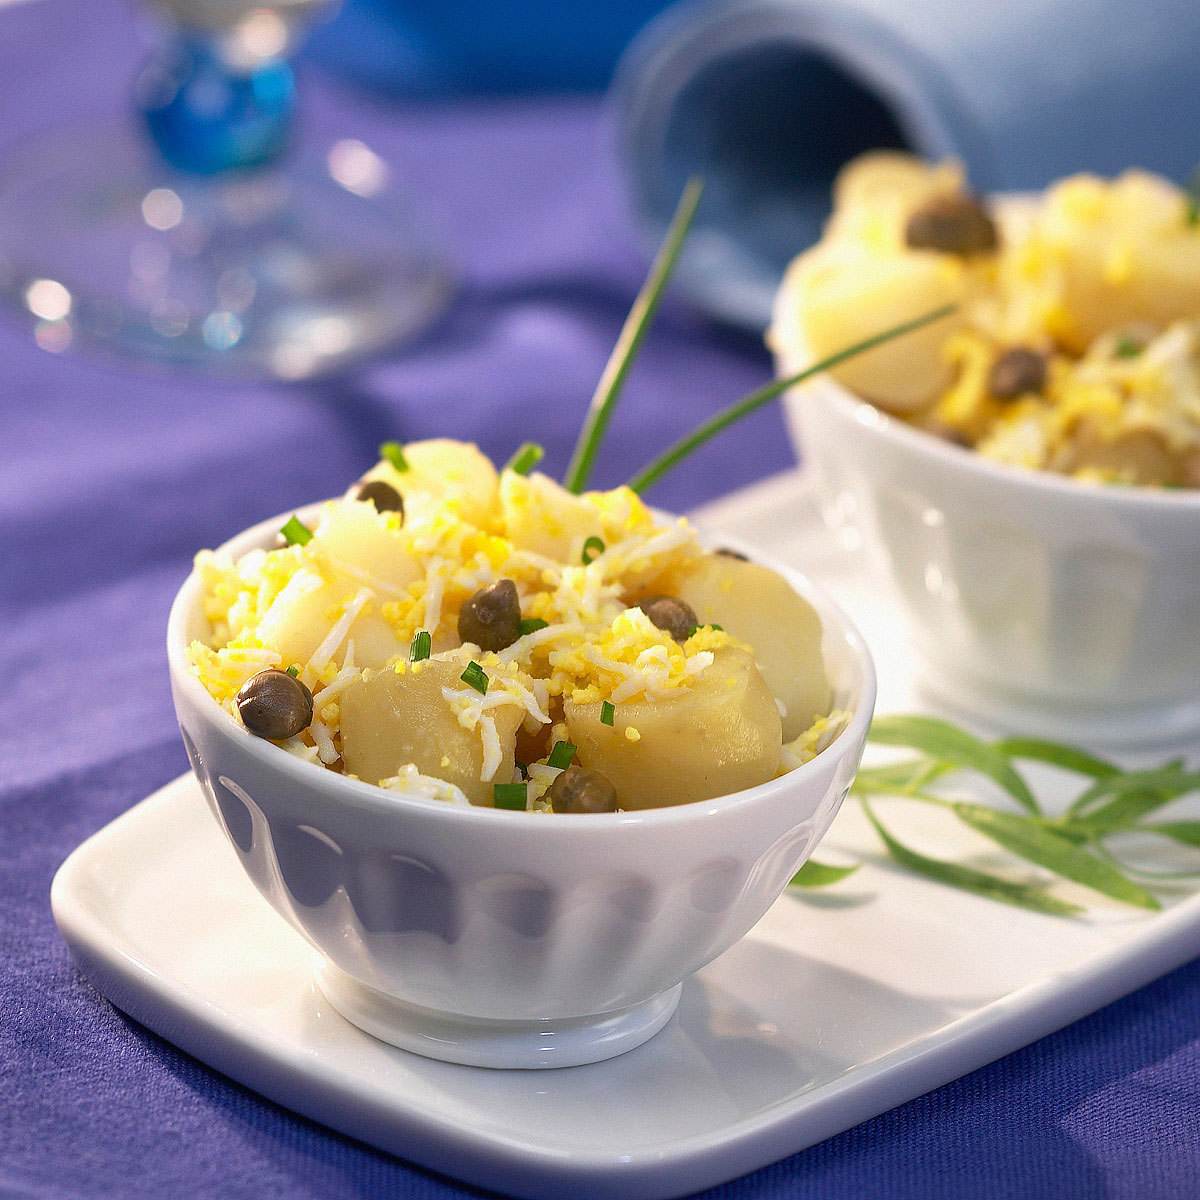 Ensalada de aceitunas negras, patatas y habas